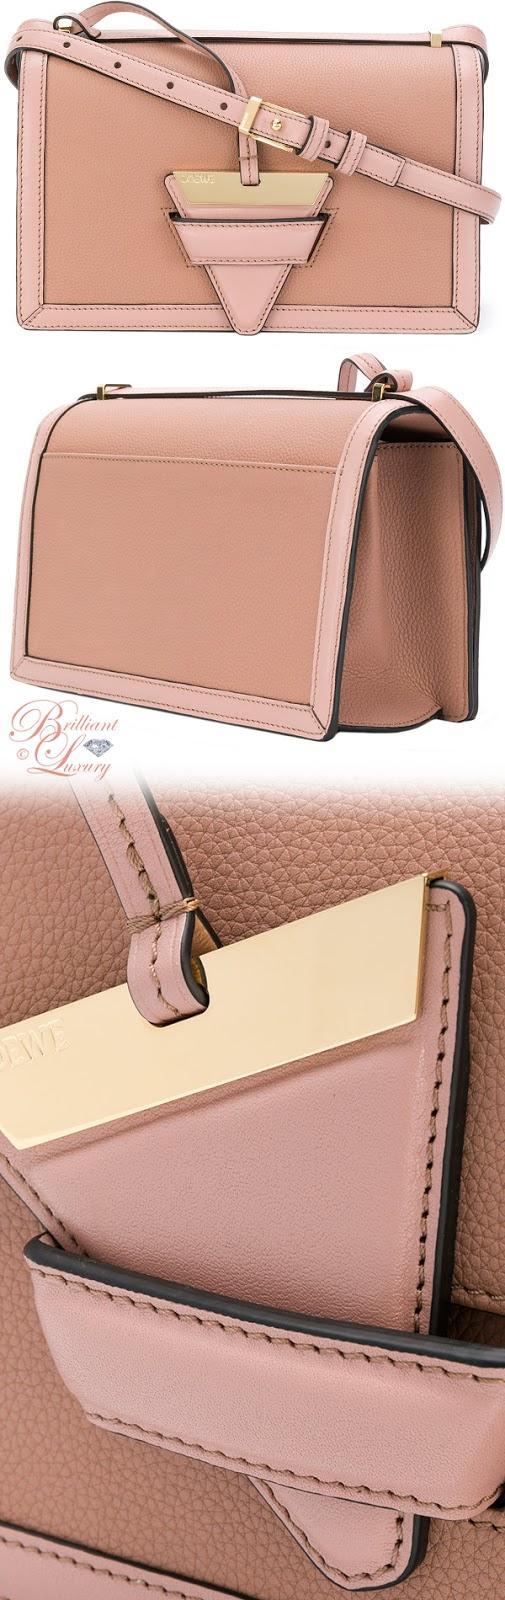 Brilliant Luxury ♦ Loewe Barcelona bag